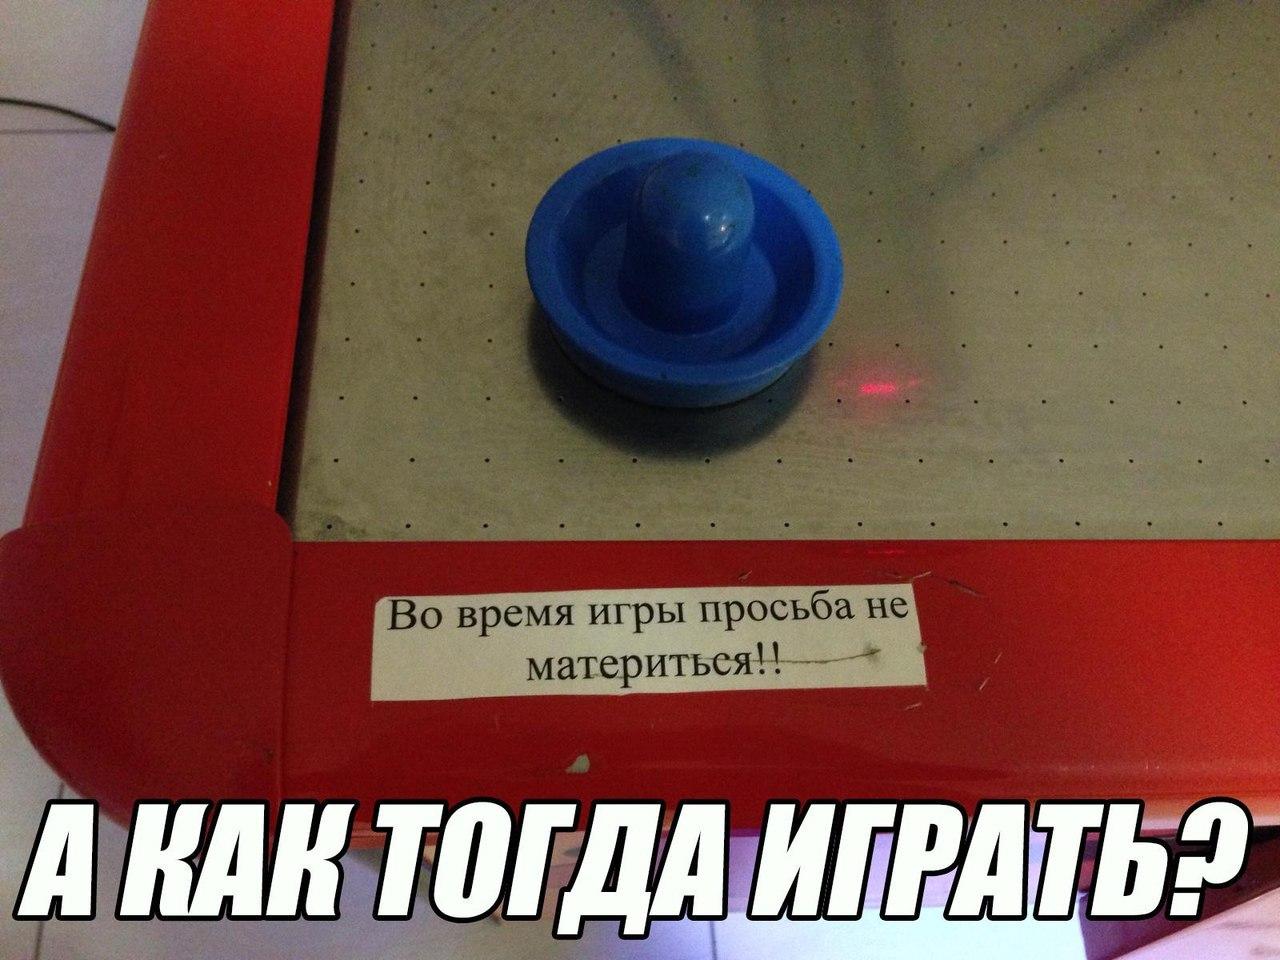 FqpZ2aH4tsA.jpg